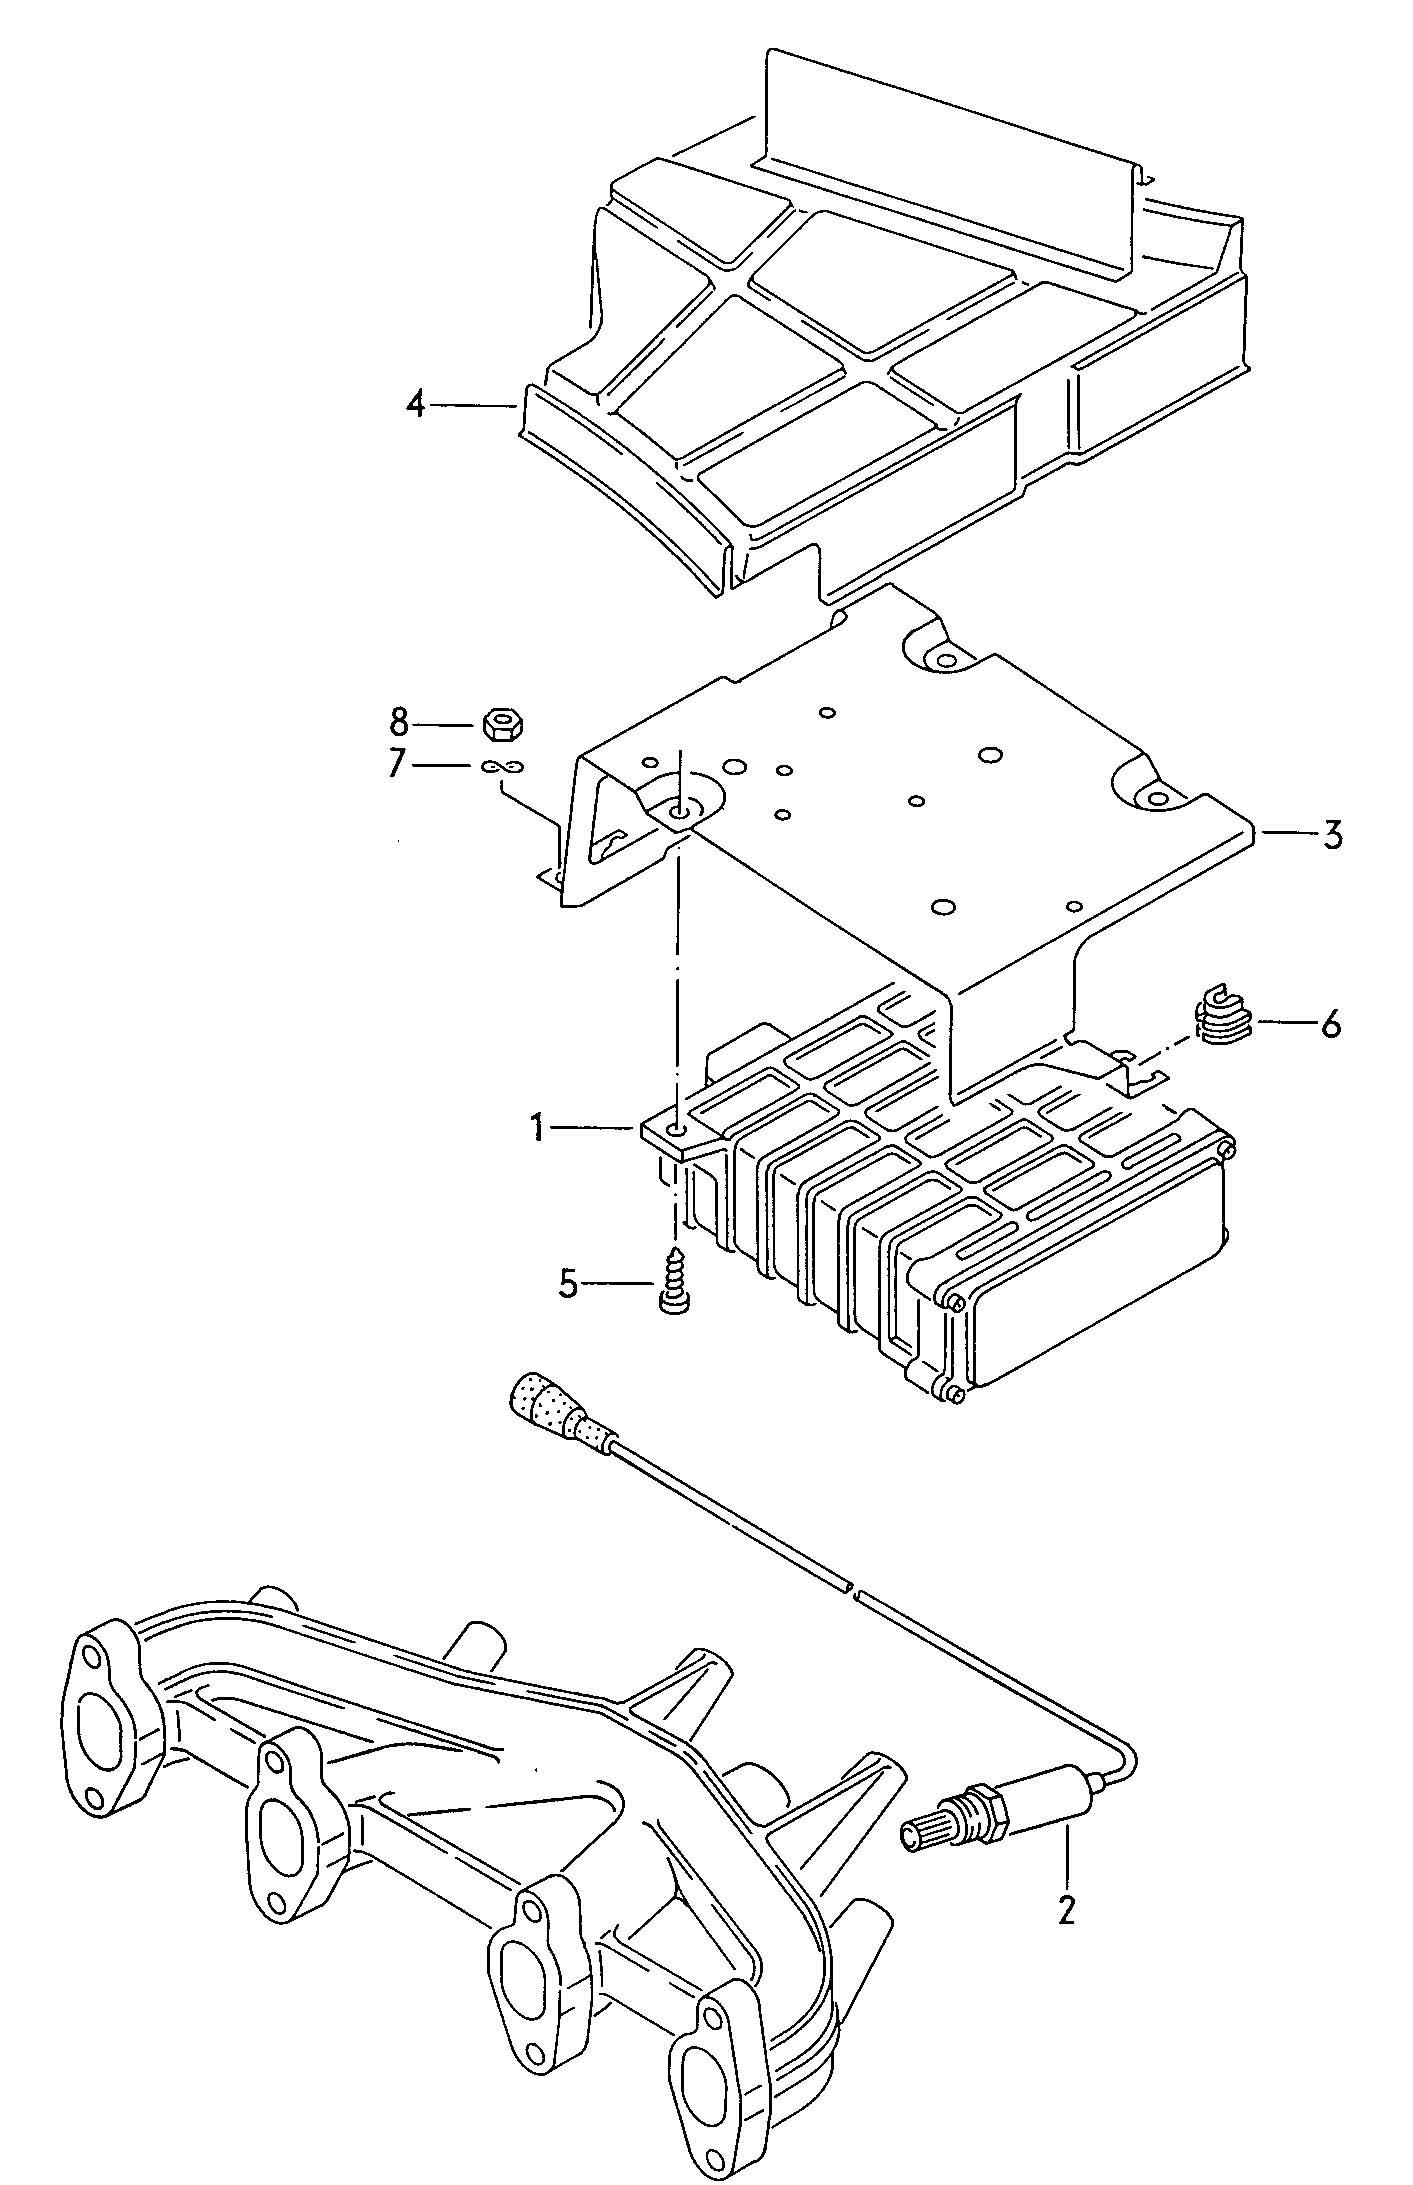 1986 Volkswagen Golf Oxygen sensor with control module